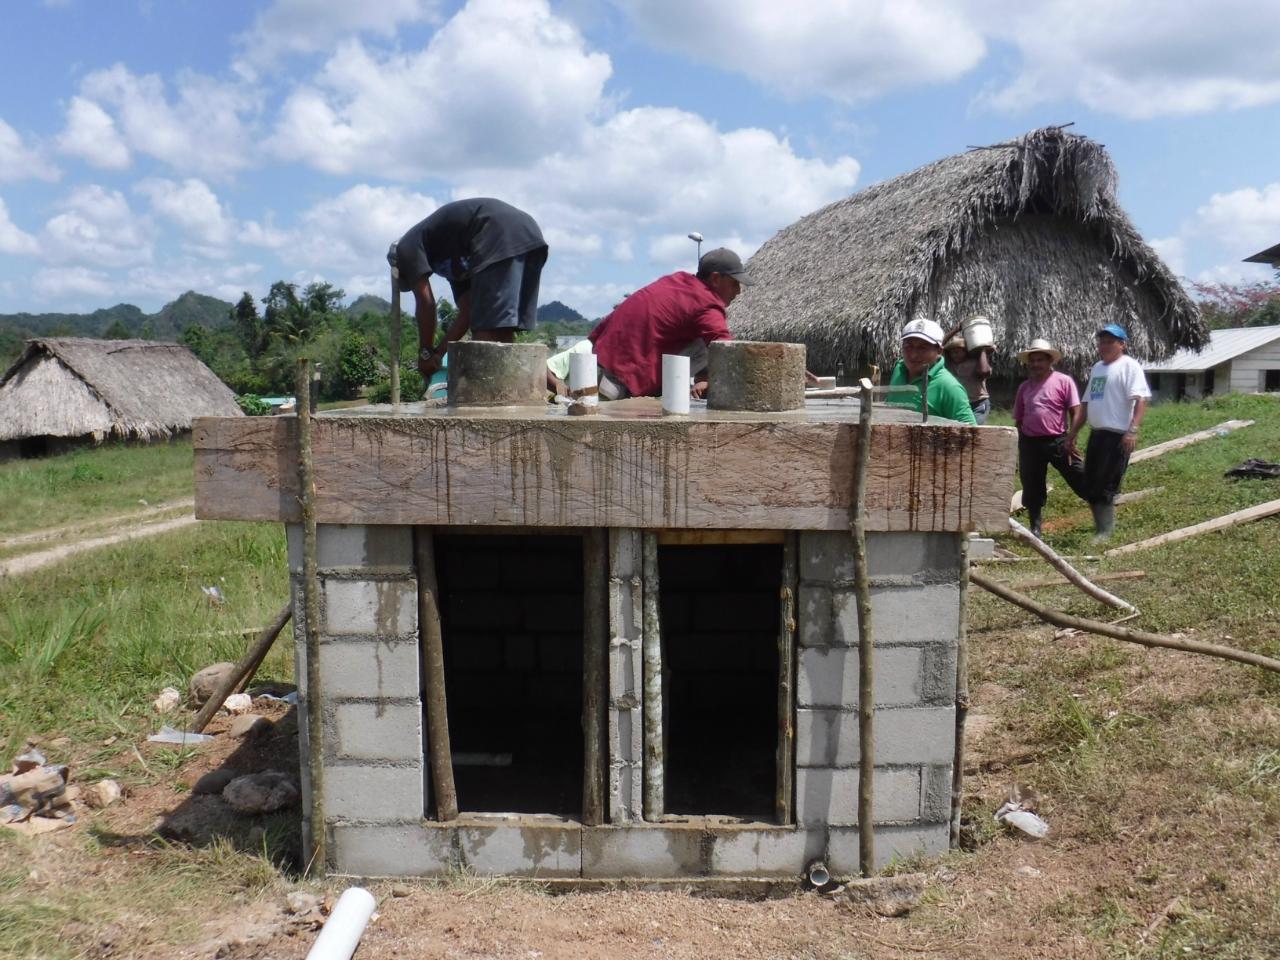 Conclusion of San Benito Poite Public Latrine Project - Belize